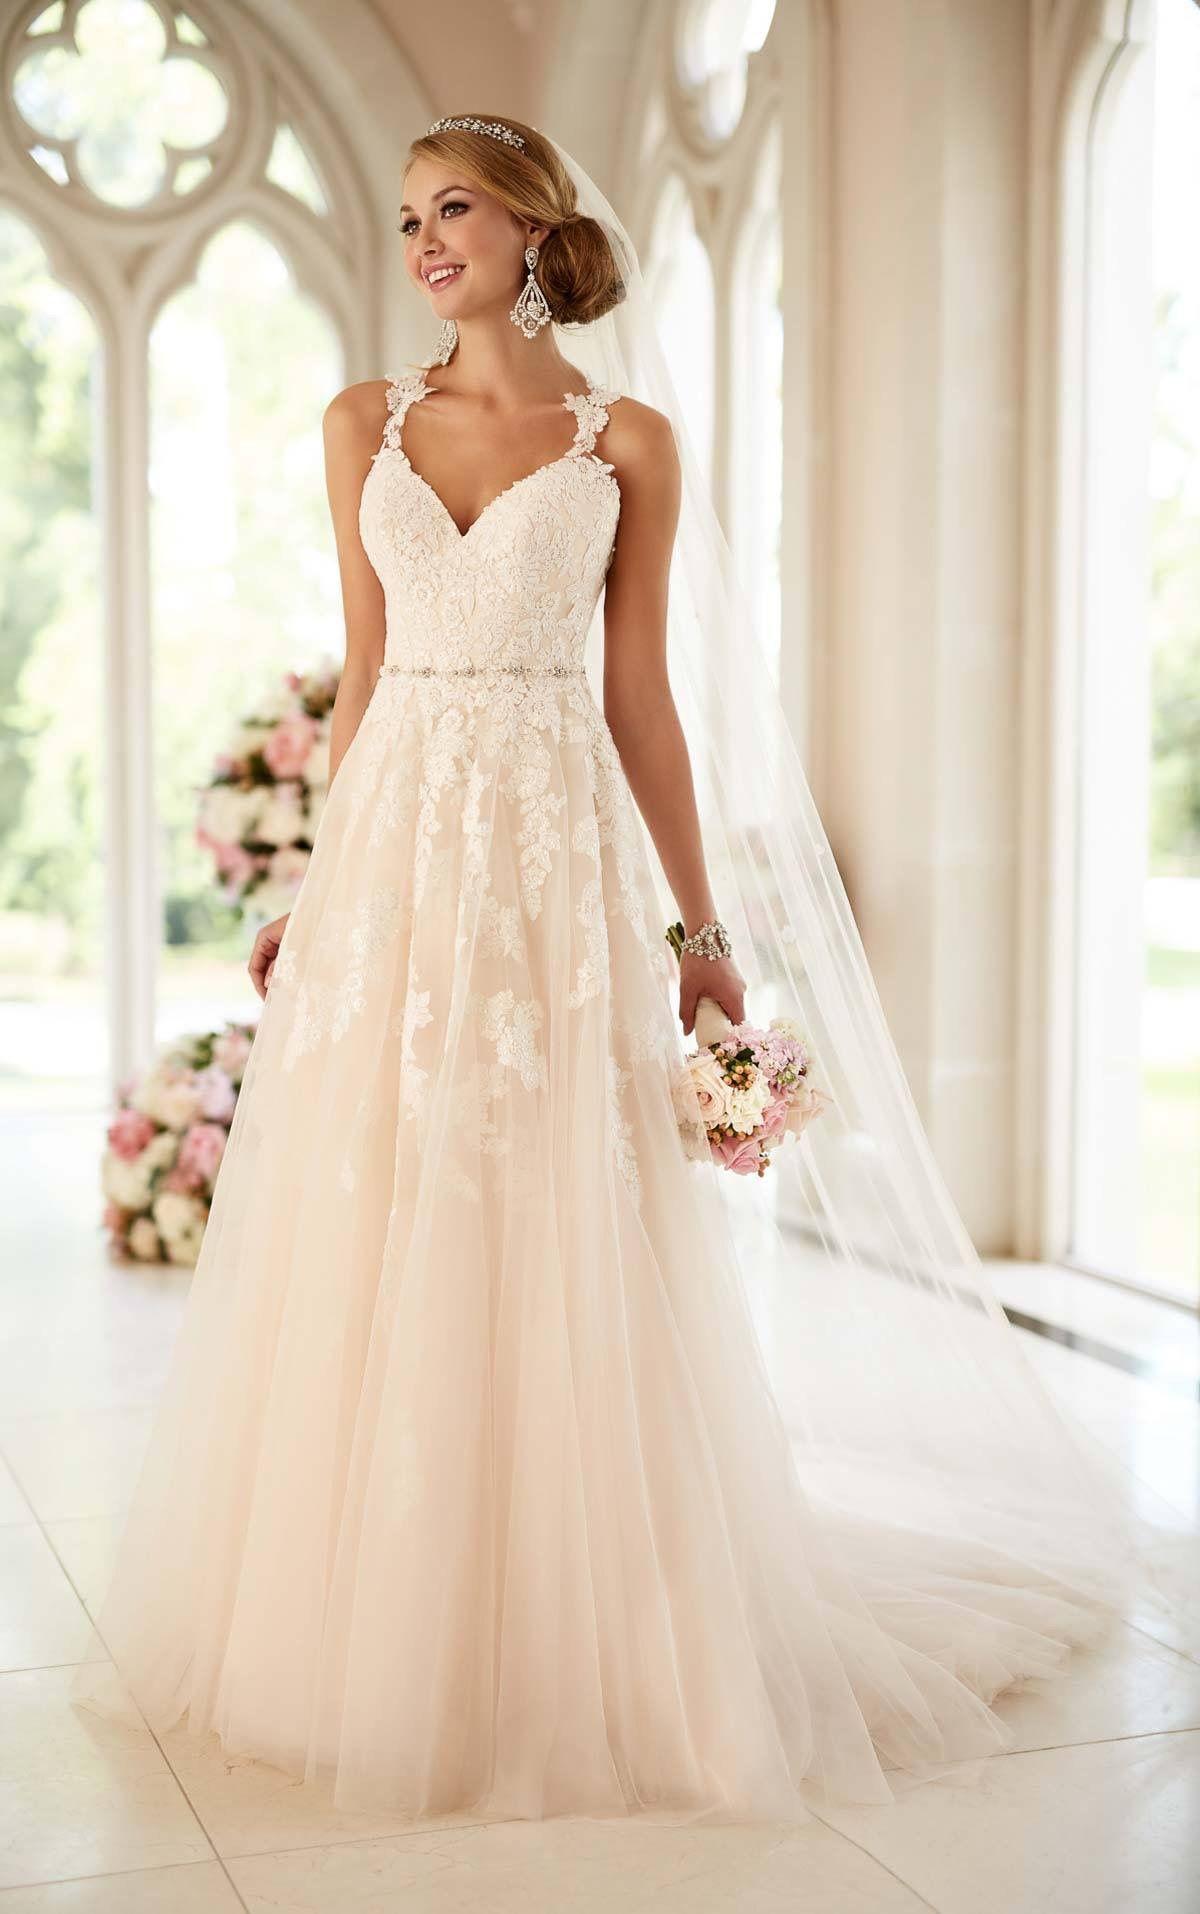 Pin von Sarah Steinecke auf Kleider | Pinterest | Hochzeitskleider ...